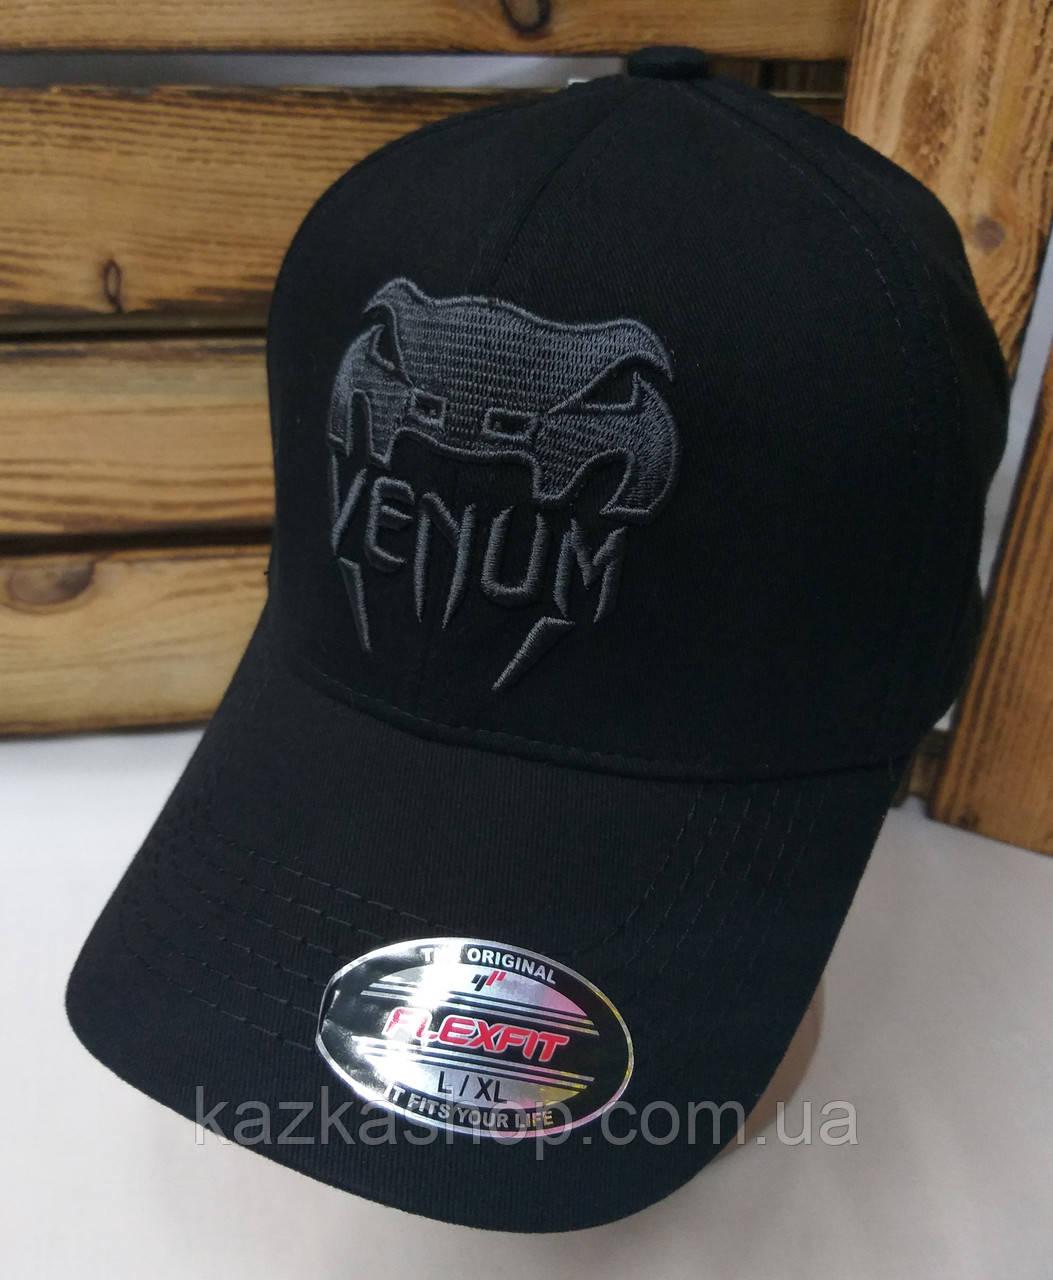 Стильная мужская котоновая кепка, бейсболка, вышивка логотипа Venum,  размер 58, на резинке